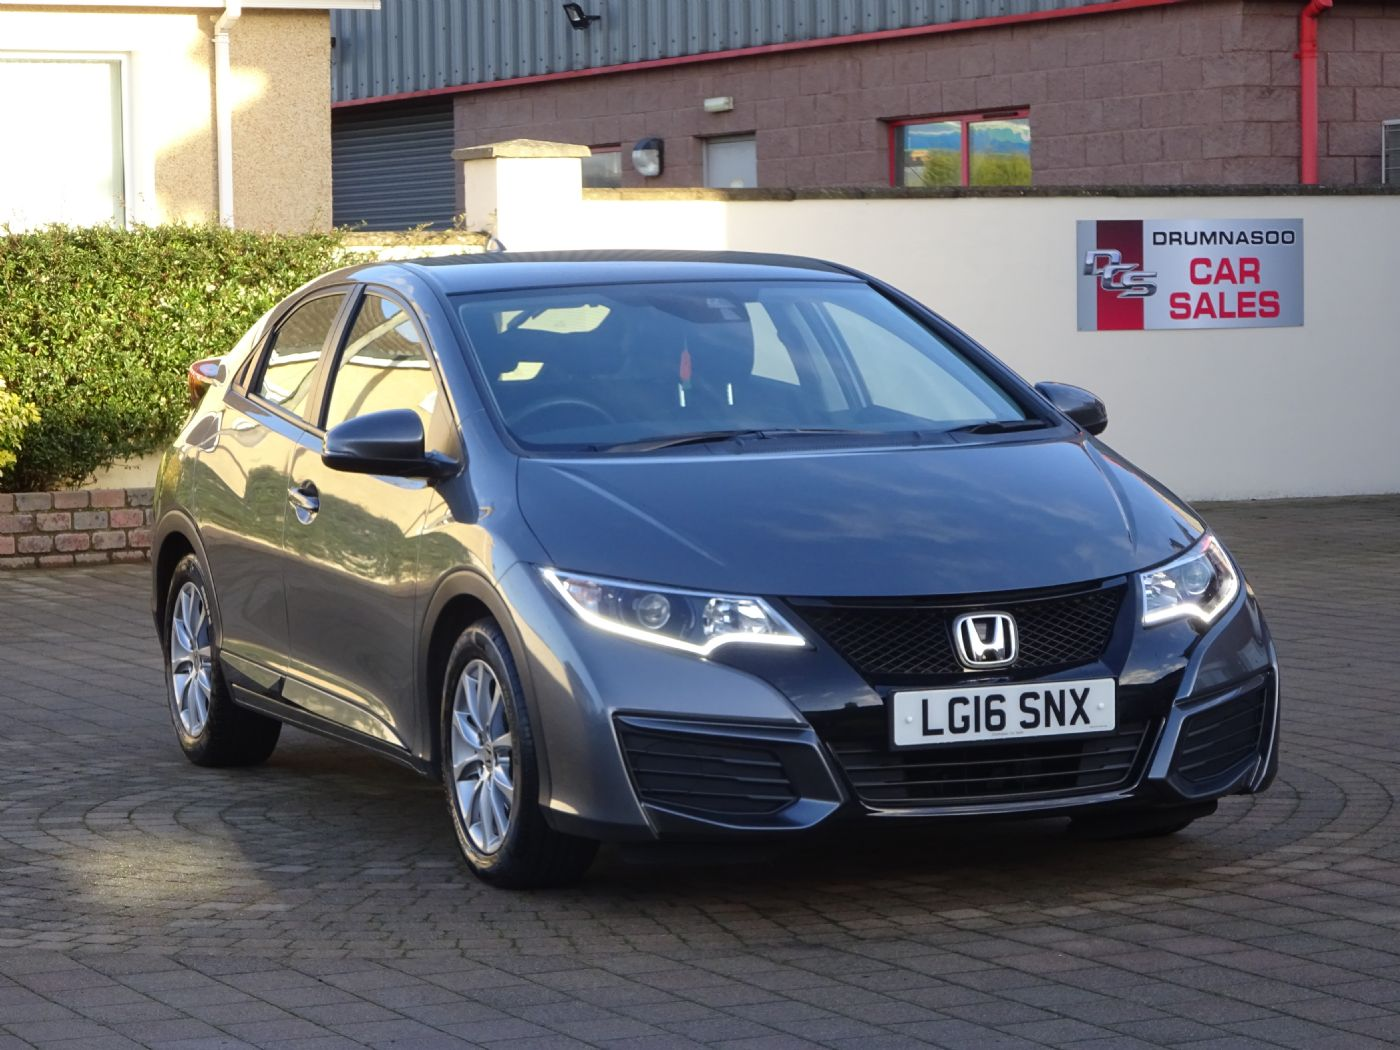 Honda Civic 1.4  I-VTEC S, Alloys, Sports seats